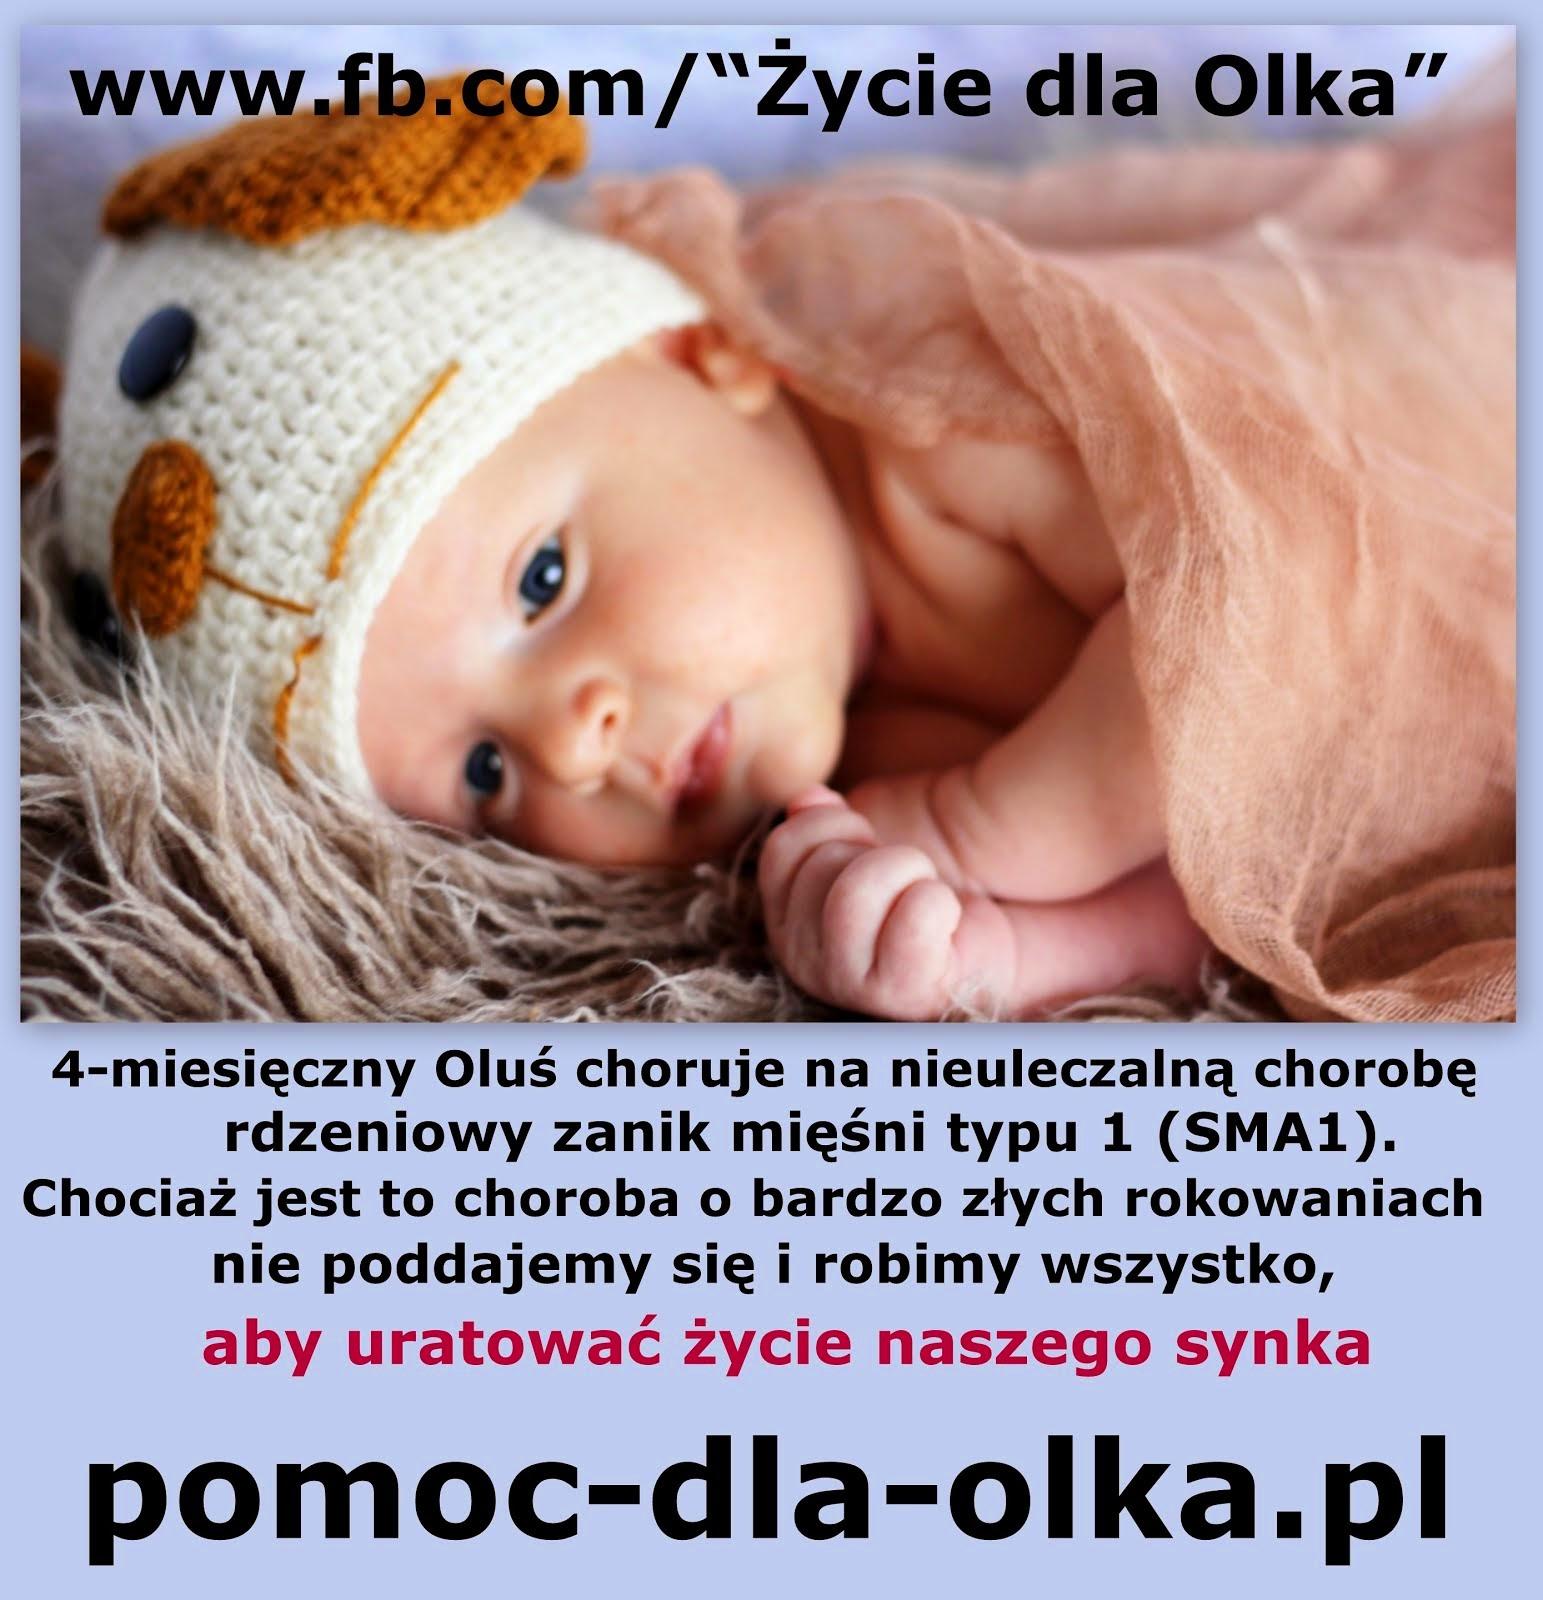 Poznajcie Olusia